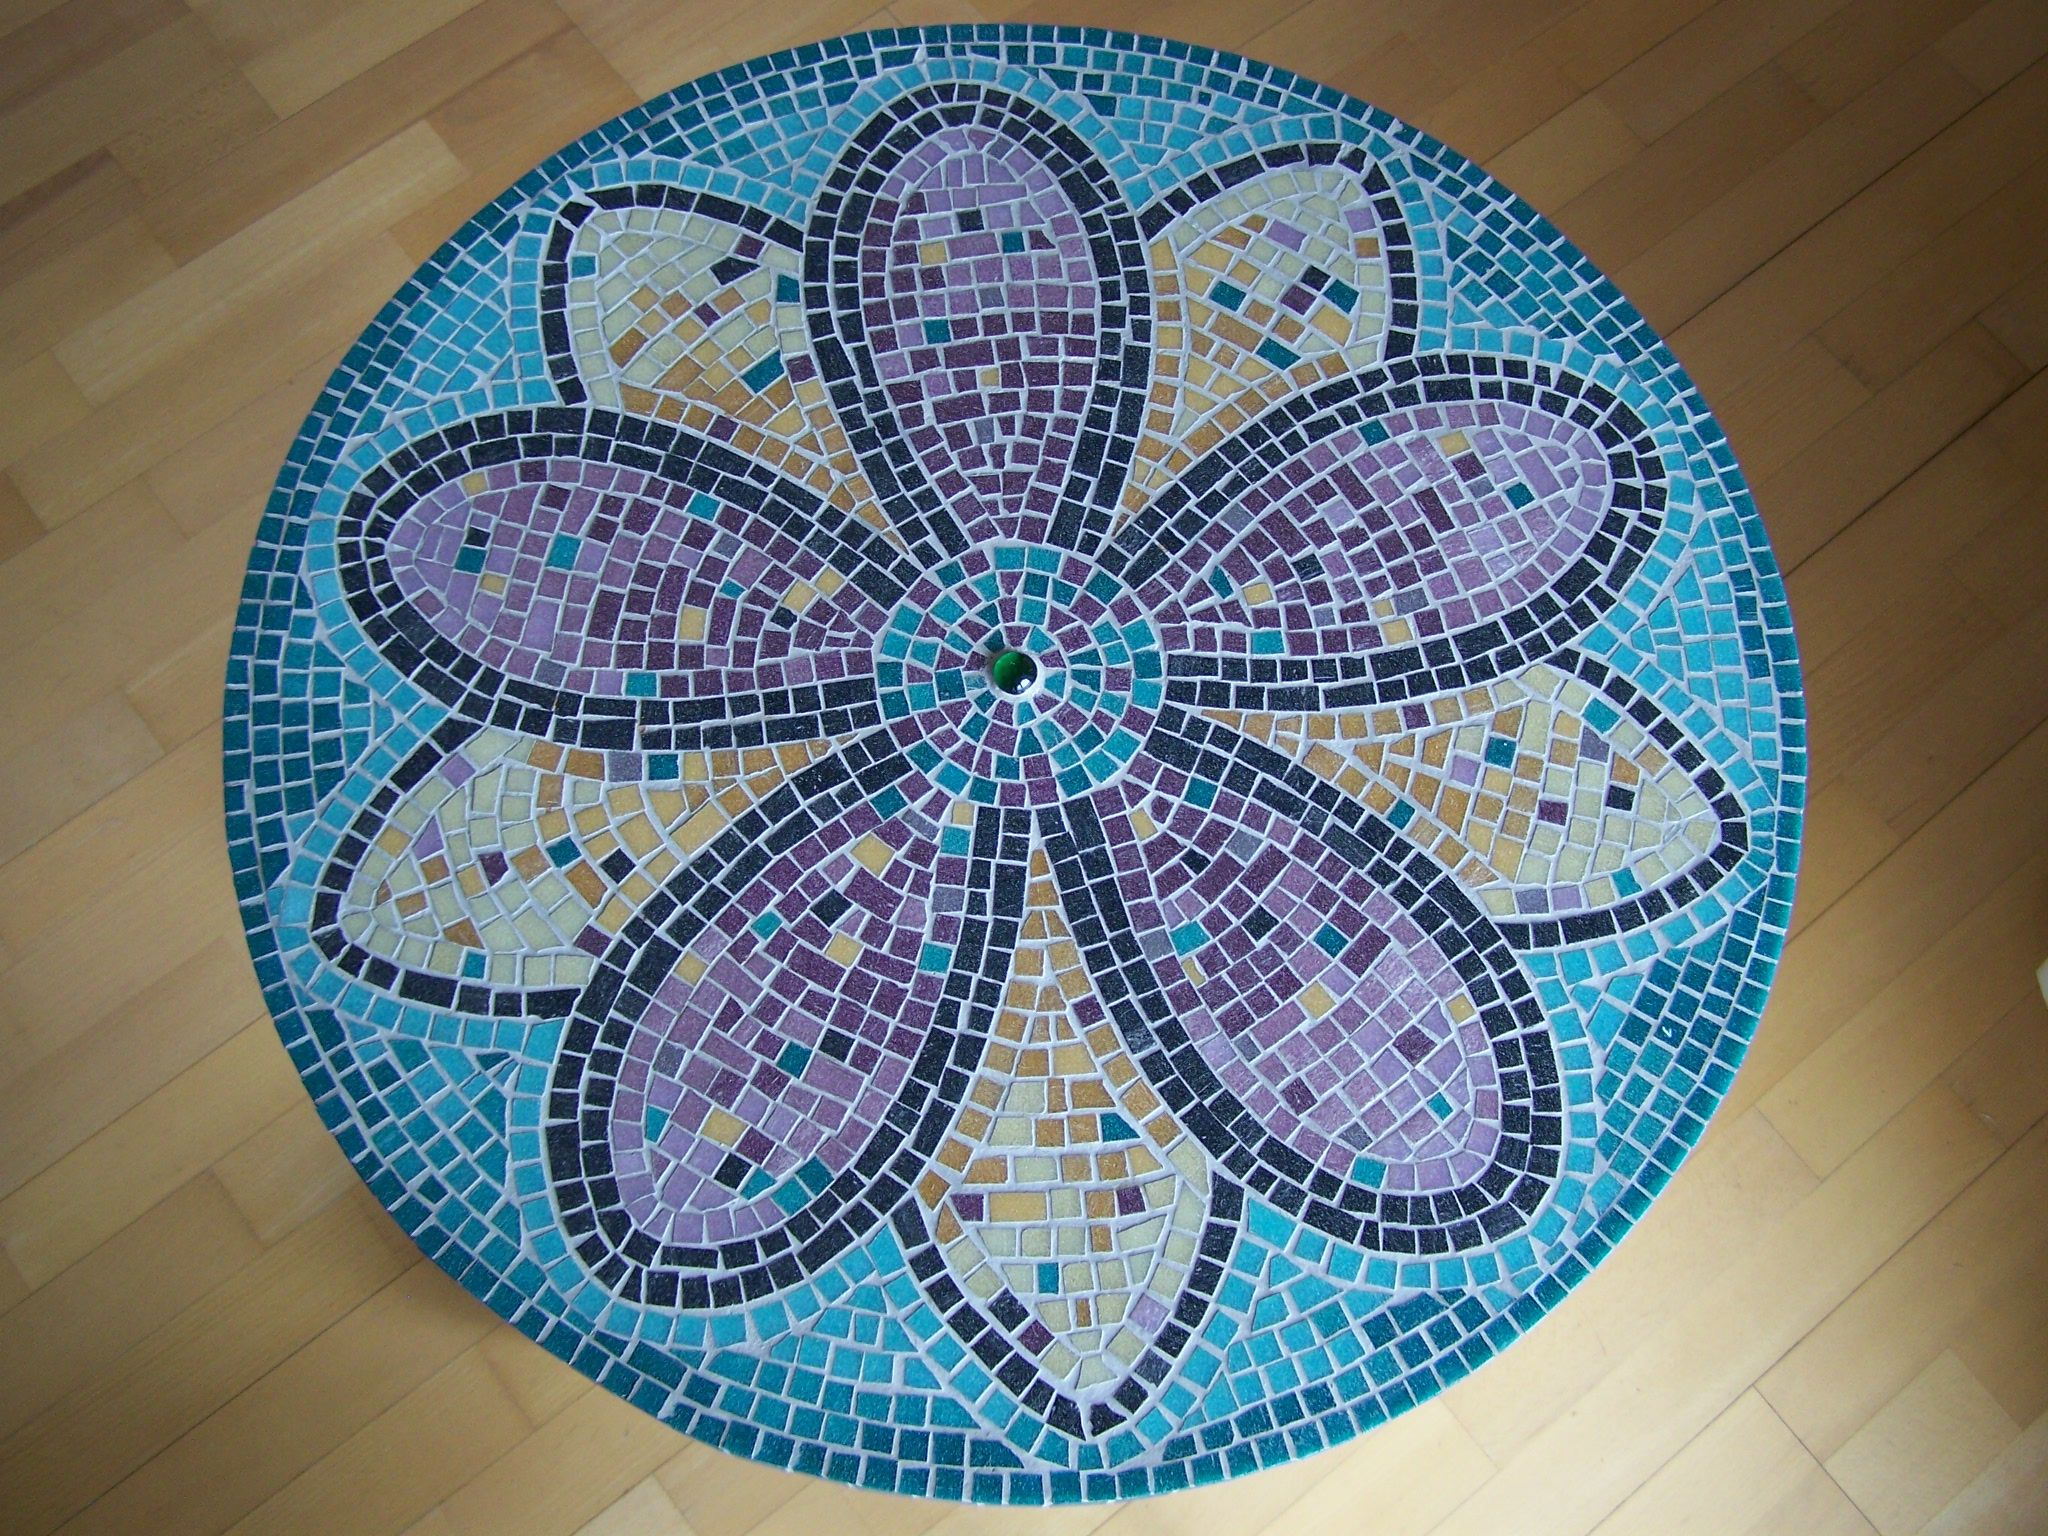 mosaik tisch wohnen mosaik mosaik tischplatten und mosaik selber machen. Black Bedroom Furniture Sets. Home Design Ideas